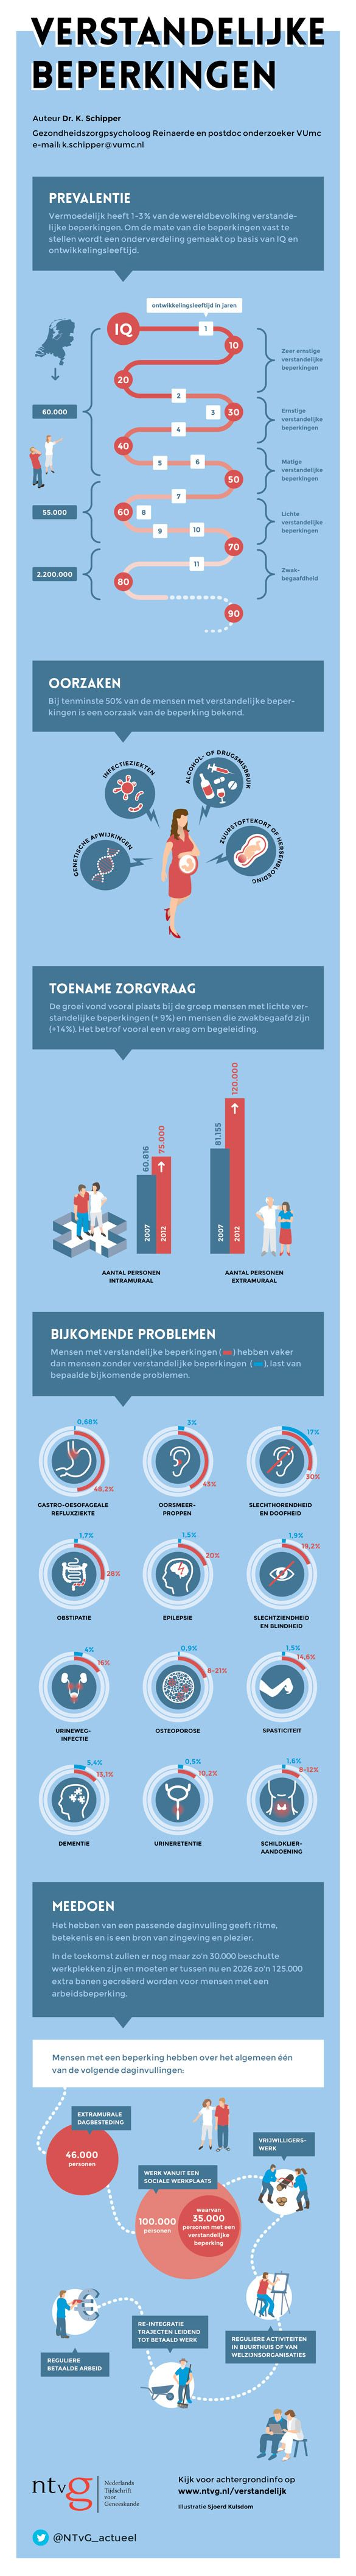 Wie zijn de mensen met een verstandelijke beperking eigenlijk? Deze infographic geeft een overzicht van de epidemiologie, etiologie, zorgbehoeften en participatiemogelijkheden van deze groep.  Voor een verdere verdieping zie artikel B1105 op www.ntvg.nl/verstandelijk.